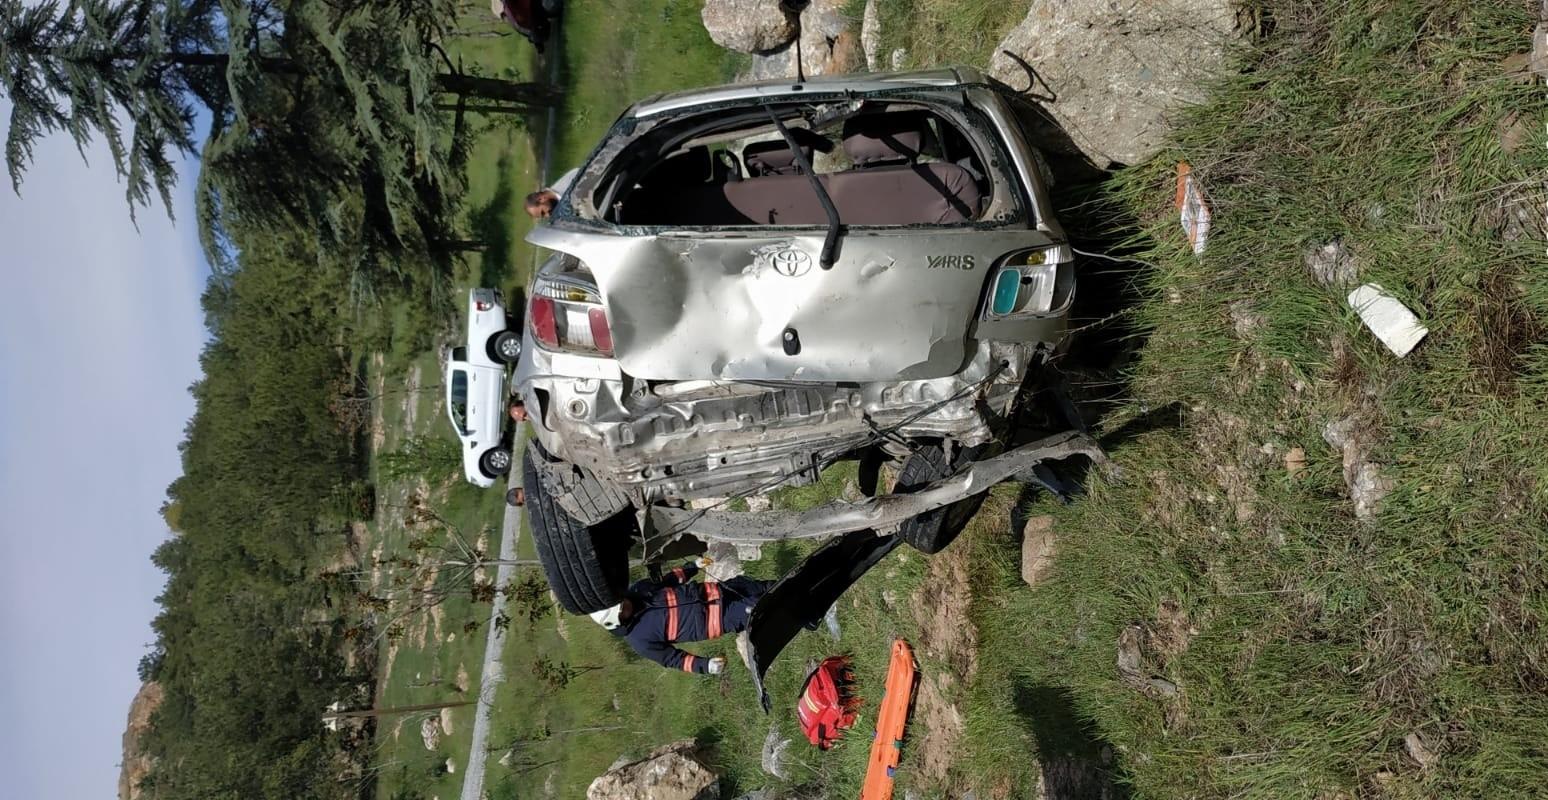 Malatya'da otomobil takla attı: 1 ağır yaralı